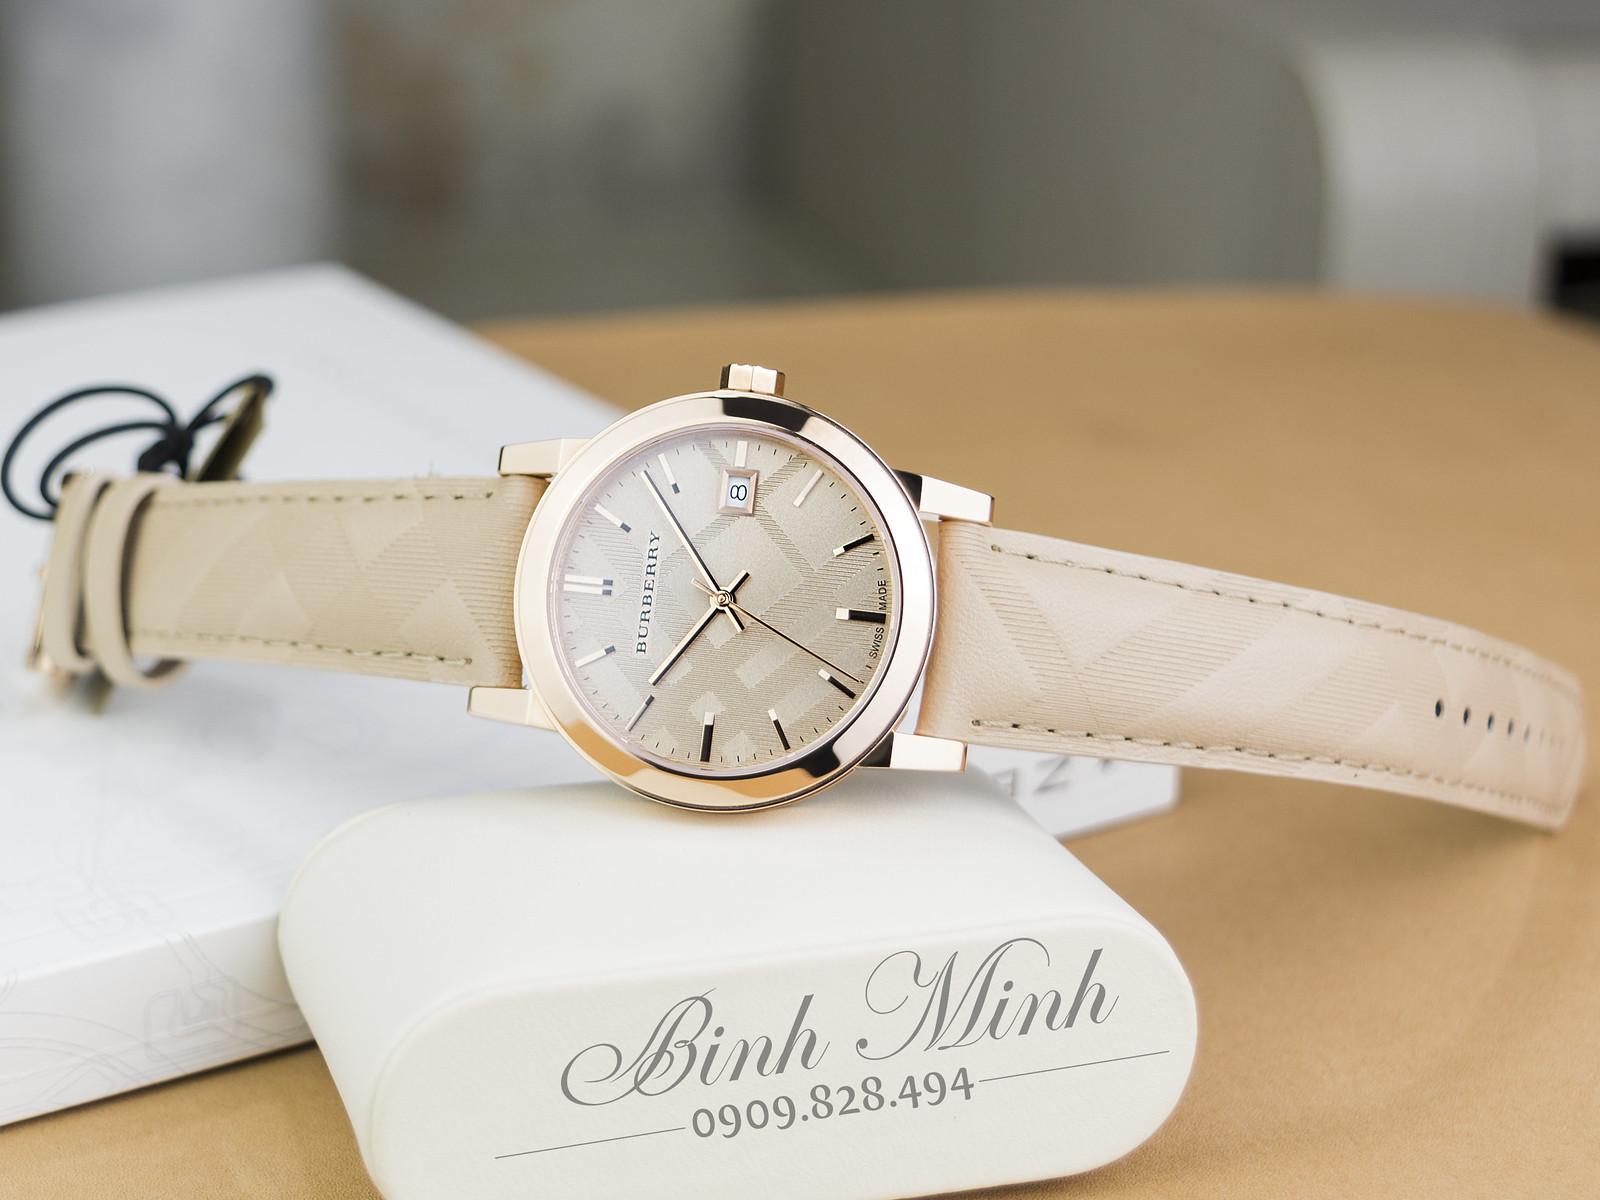 Đồng hồ Nữ Burberry The City BU9154 mạ vàng PVD, mới 100%, đủ hộp sổ, chính hãng Authentic 100%